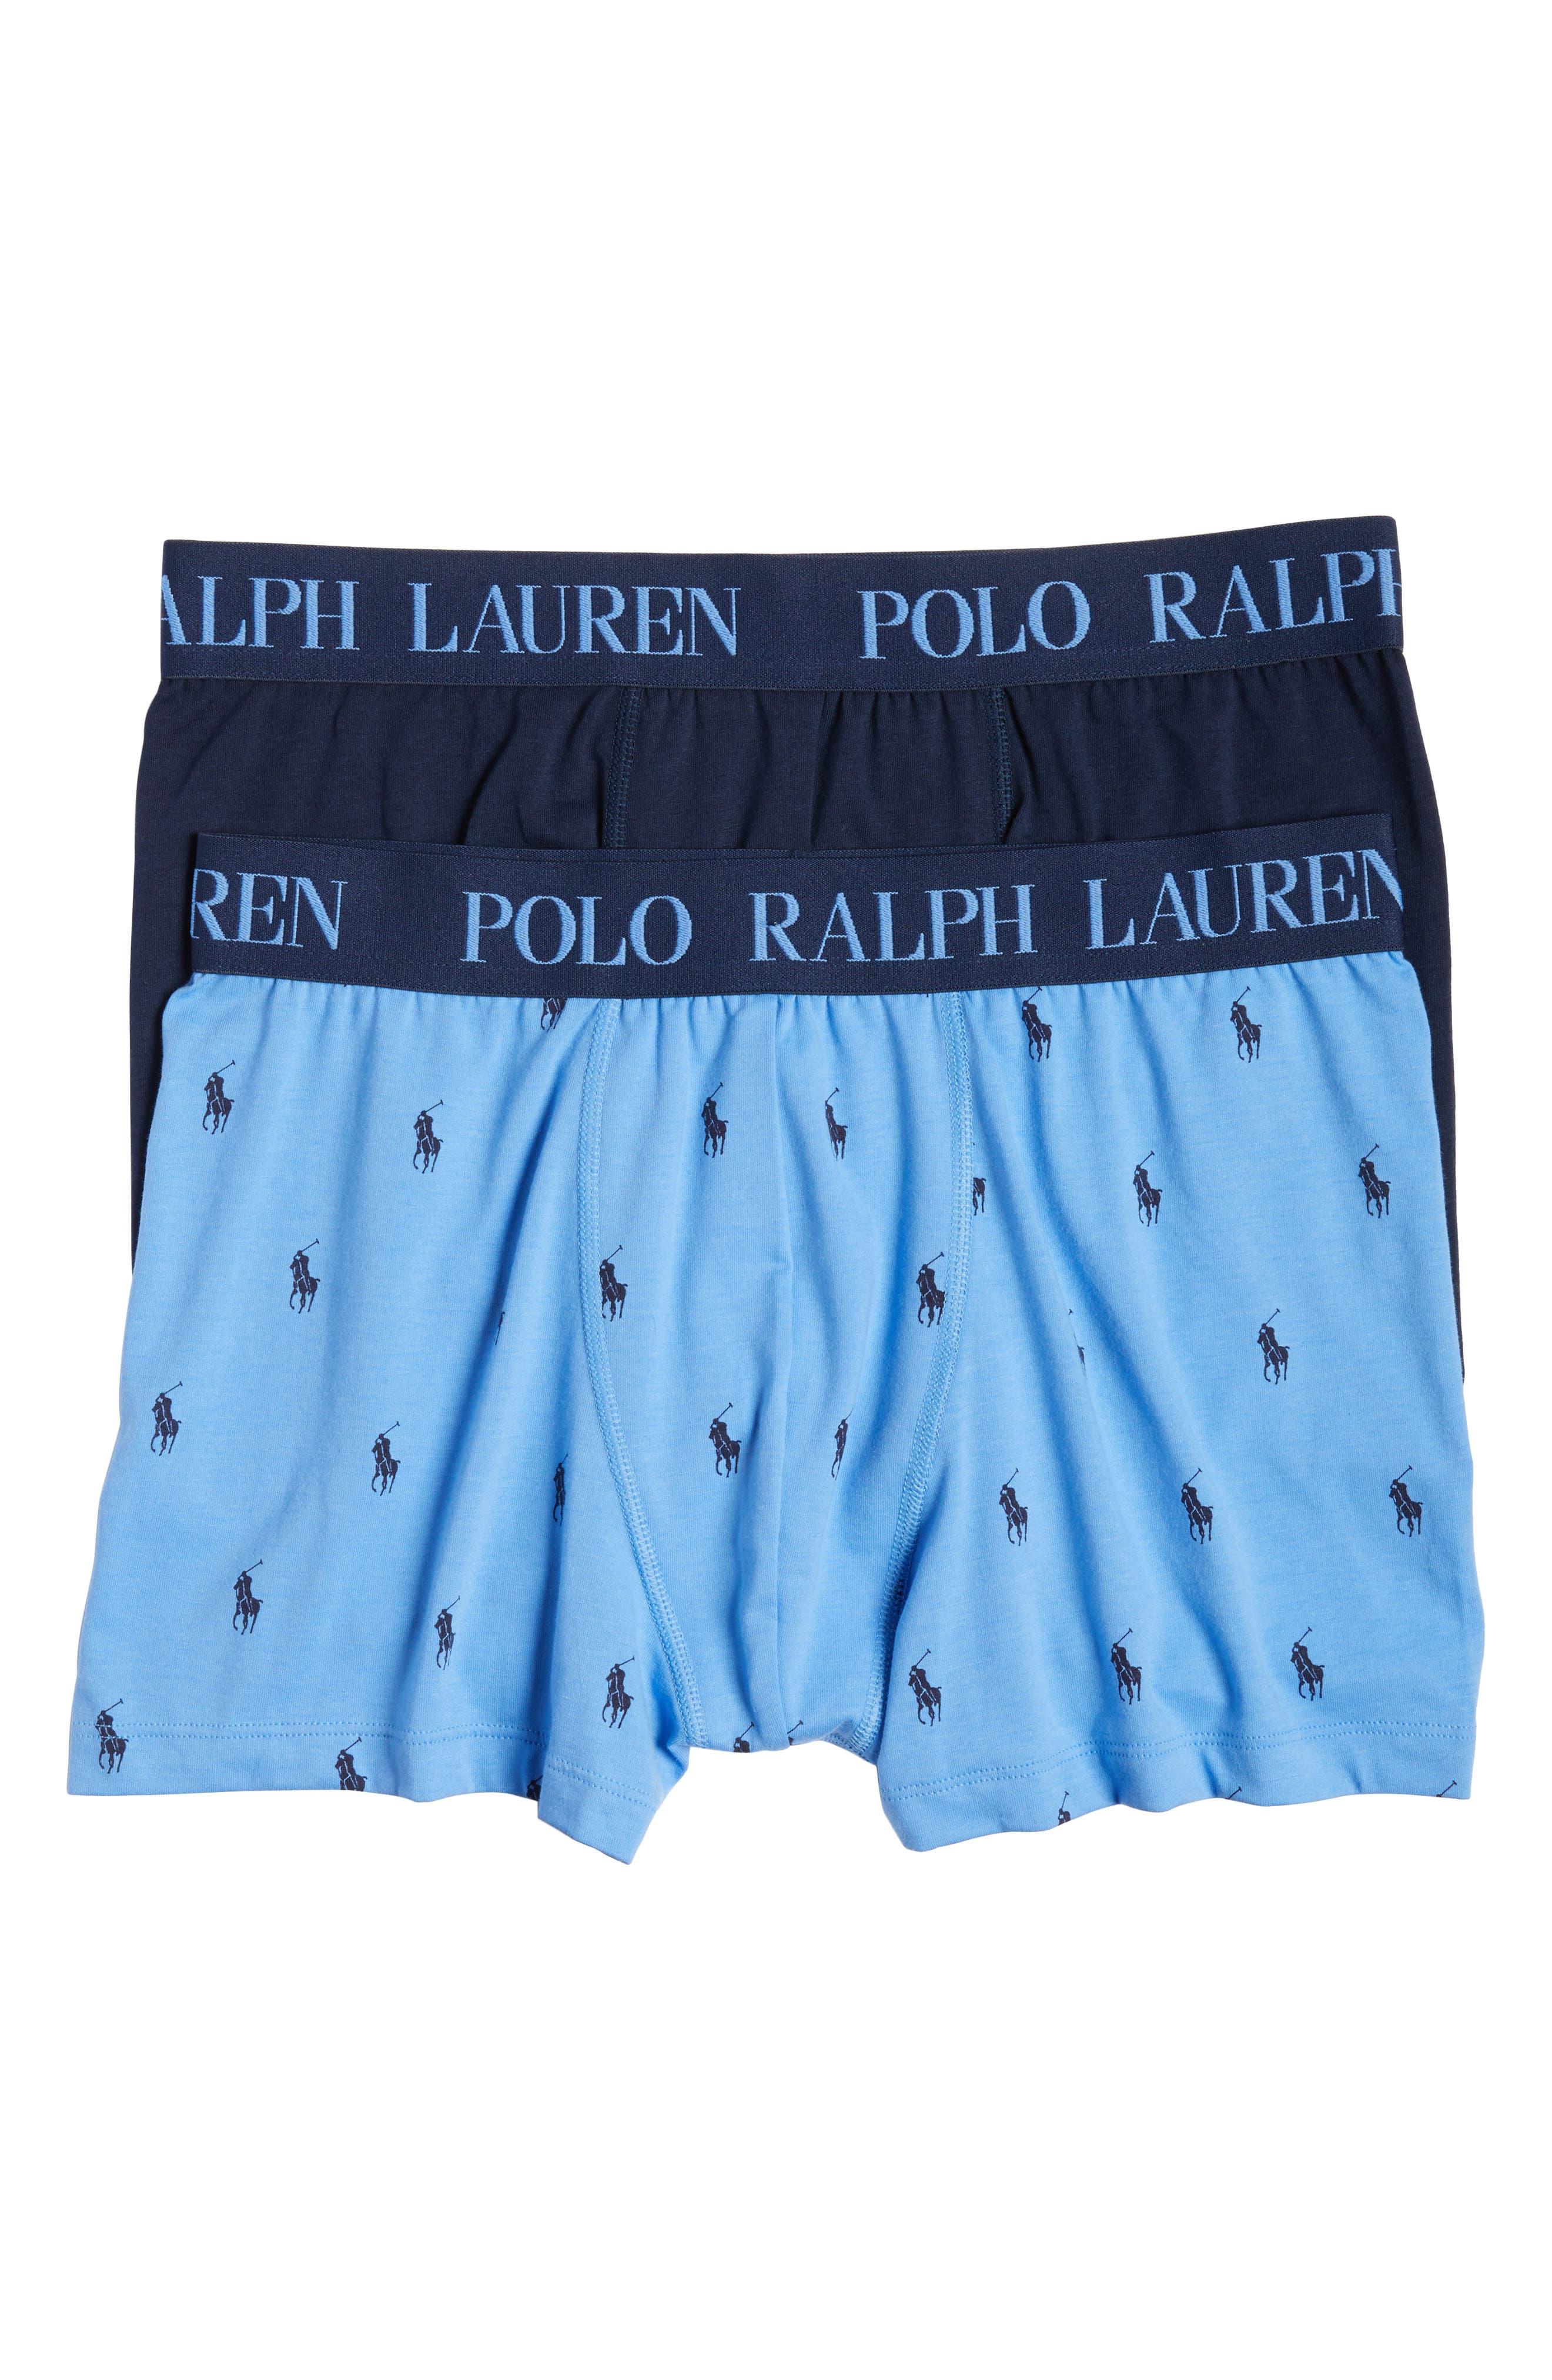 Polo Ralph Lauren 2-Pack Comfort Cotton Boxer Briefs